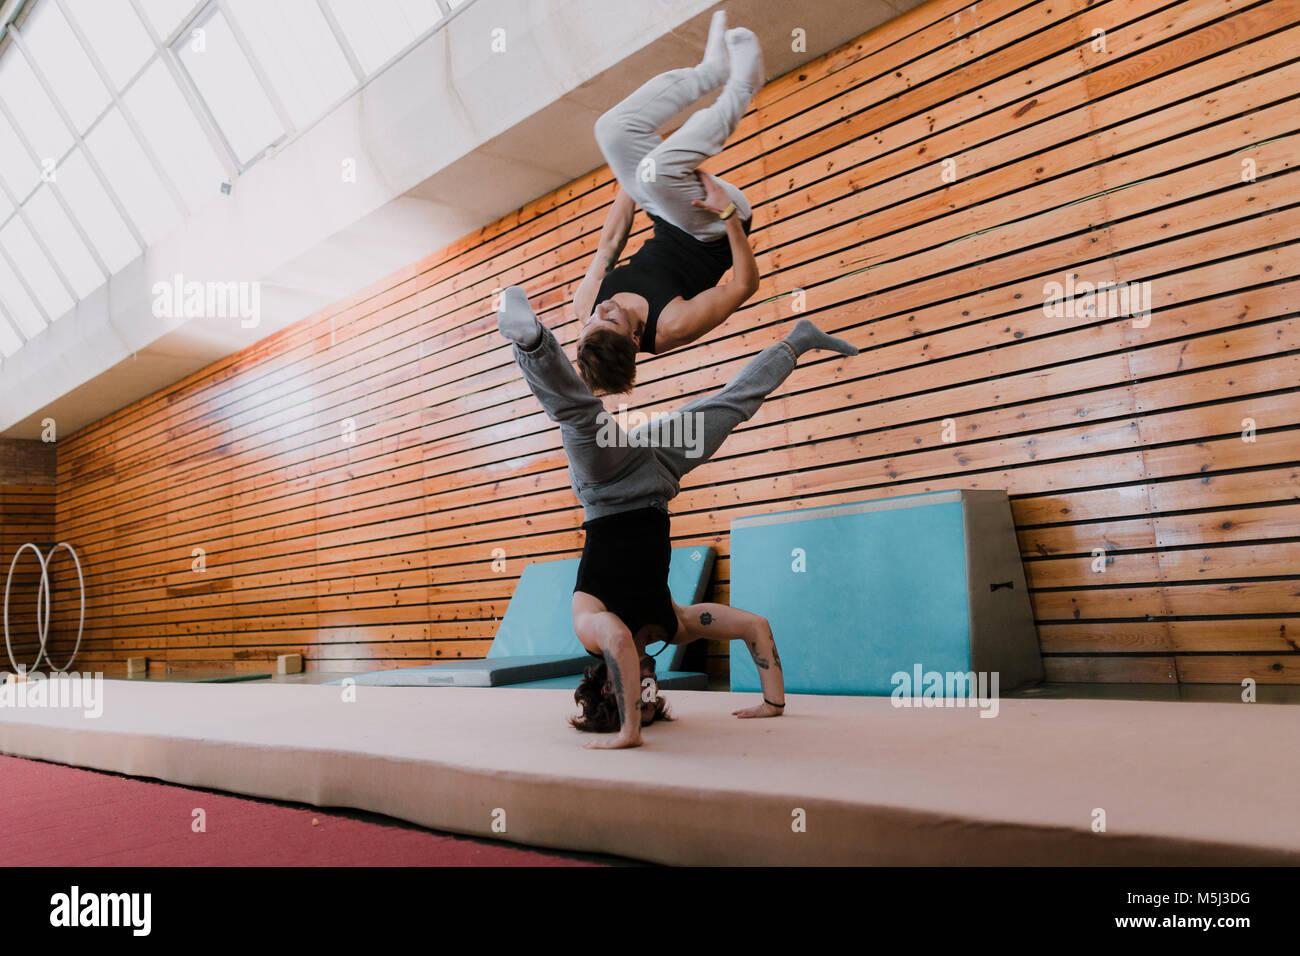 Dos hombres haciendo acrobacias en el gimnasio Imagen De Stock